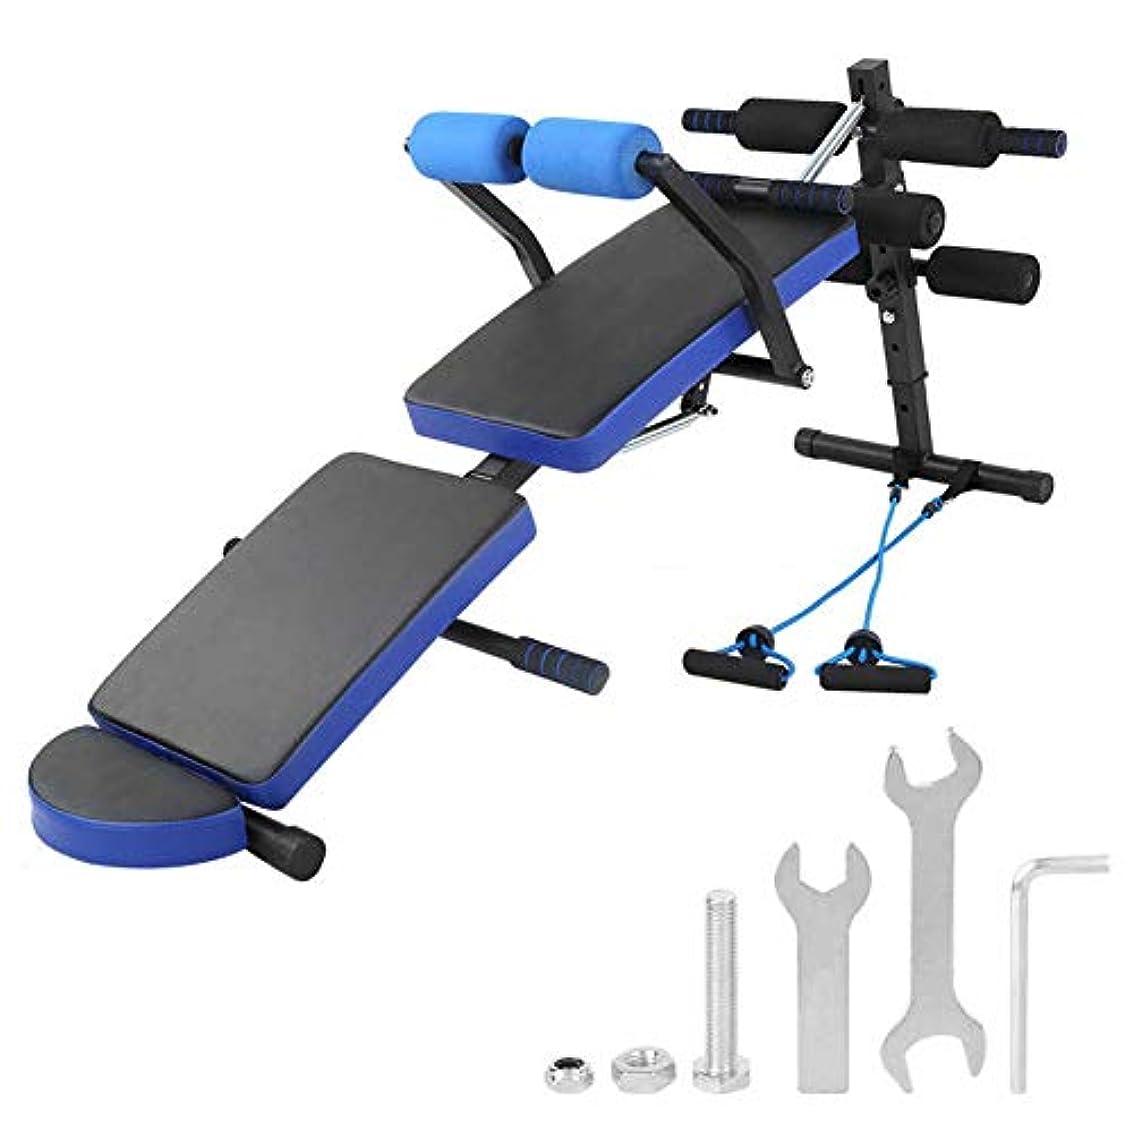 パートナーバイオレット南多機能ダンベルスツールフィットネス椅子折りたたみ腹部仰臥位ボード腹筋運動ウェイトベンチワークアウトステーション腹筋ベンチ